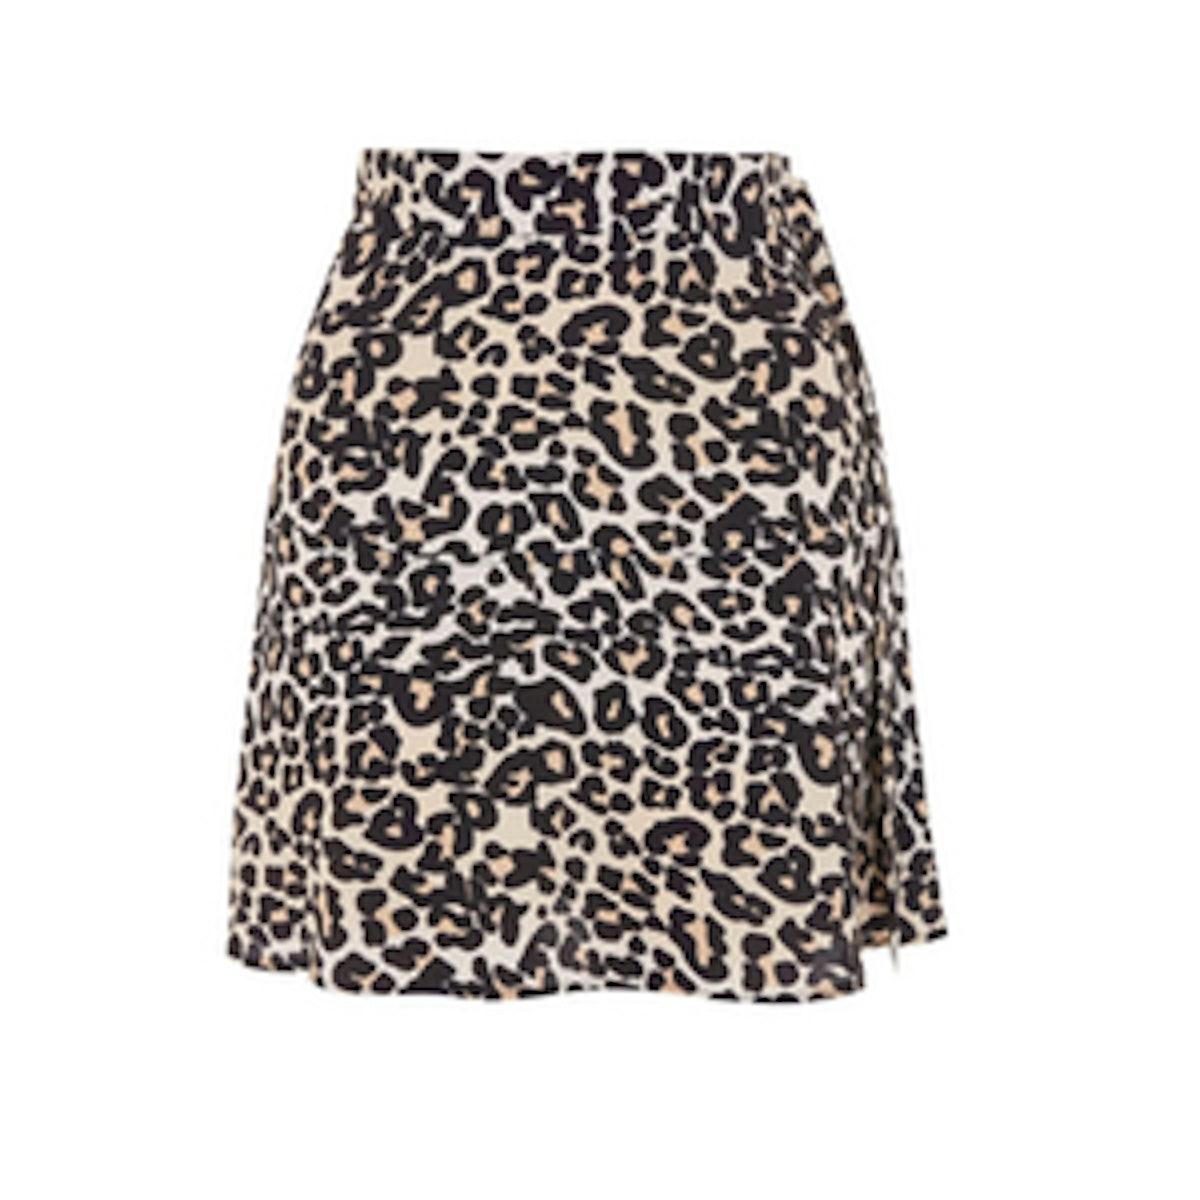 Topshop Leopard Print Miniskirt